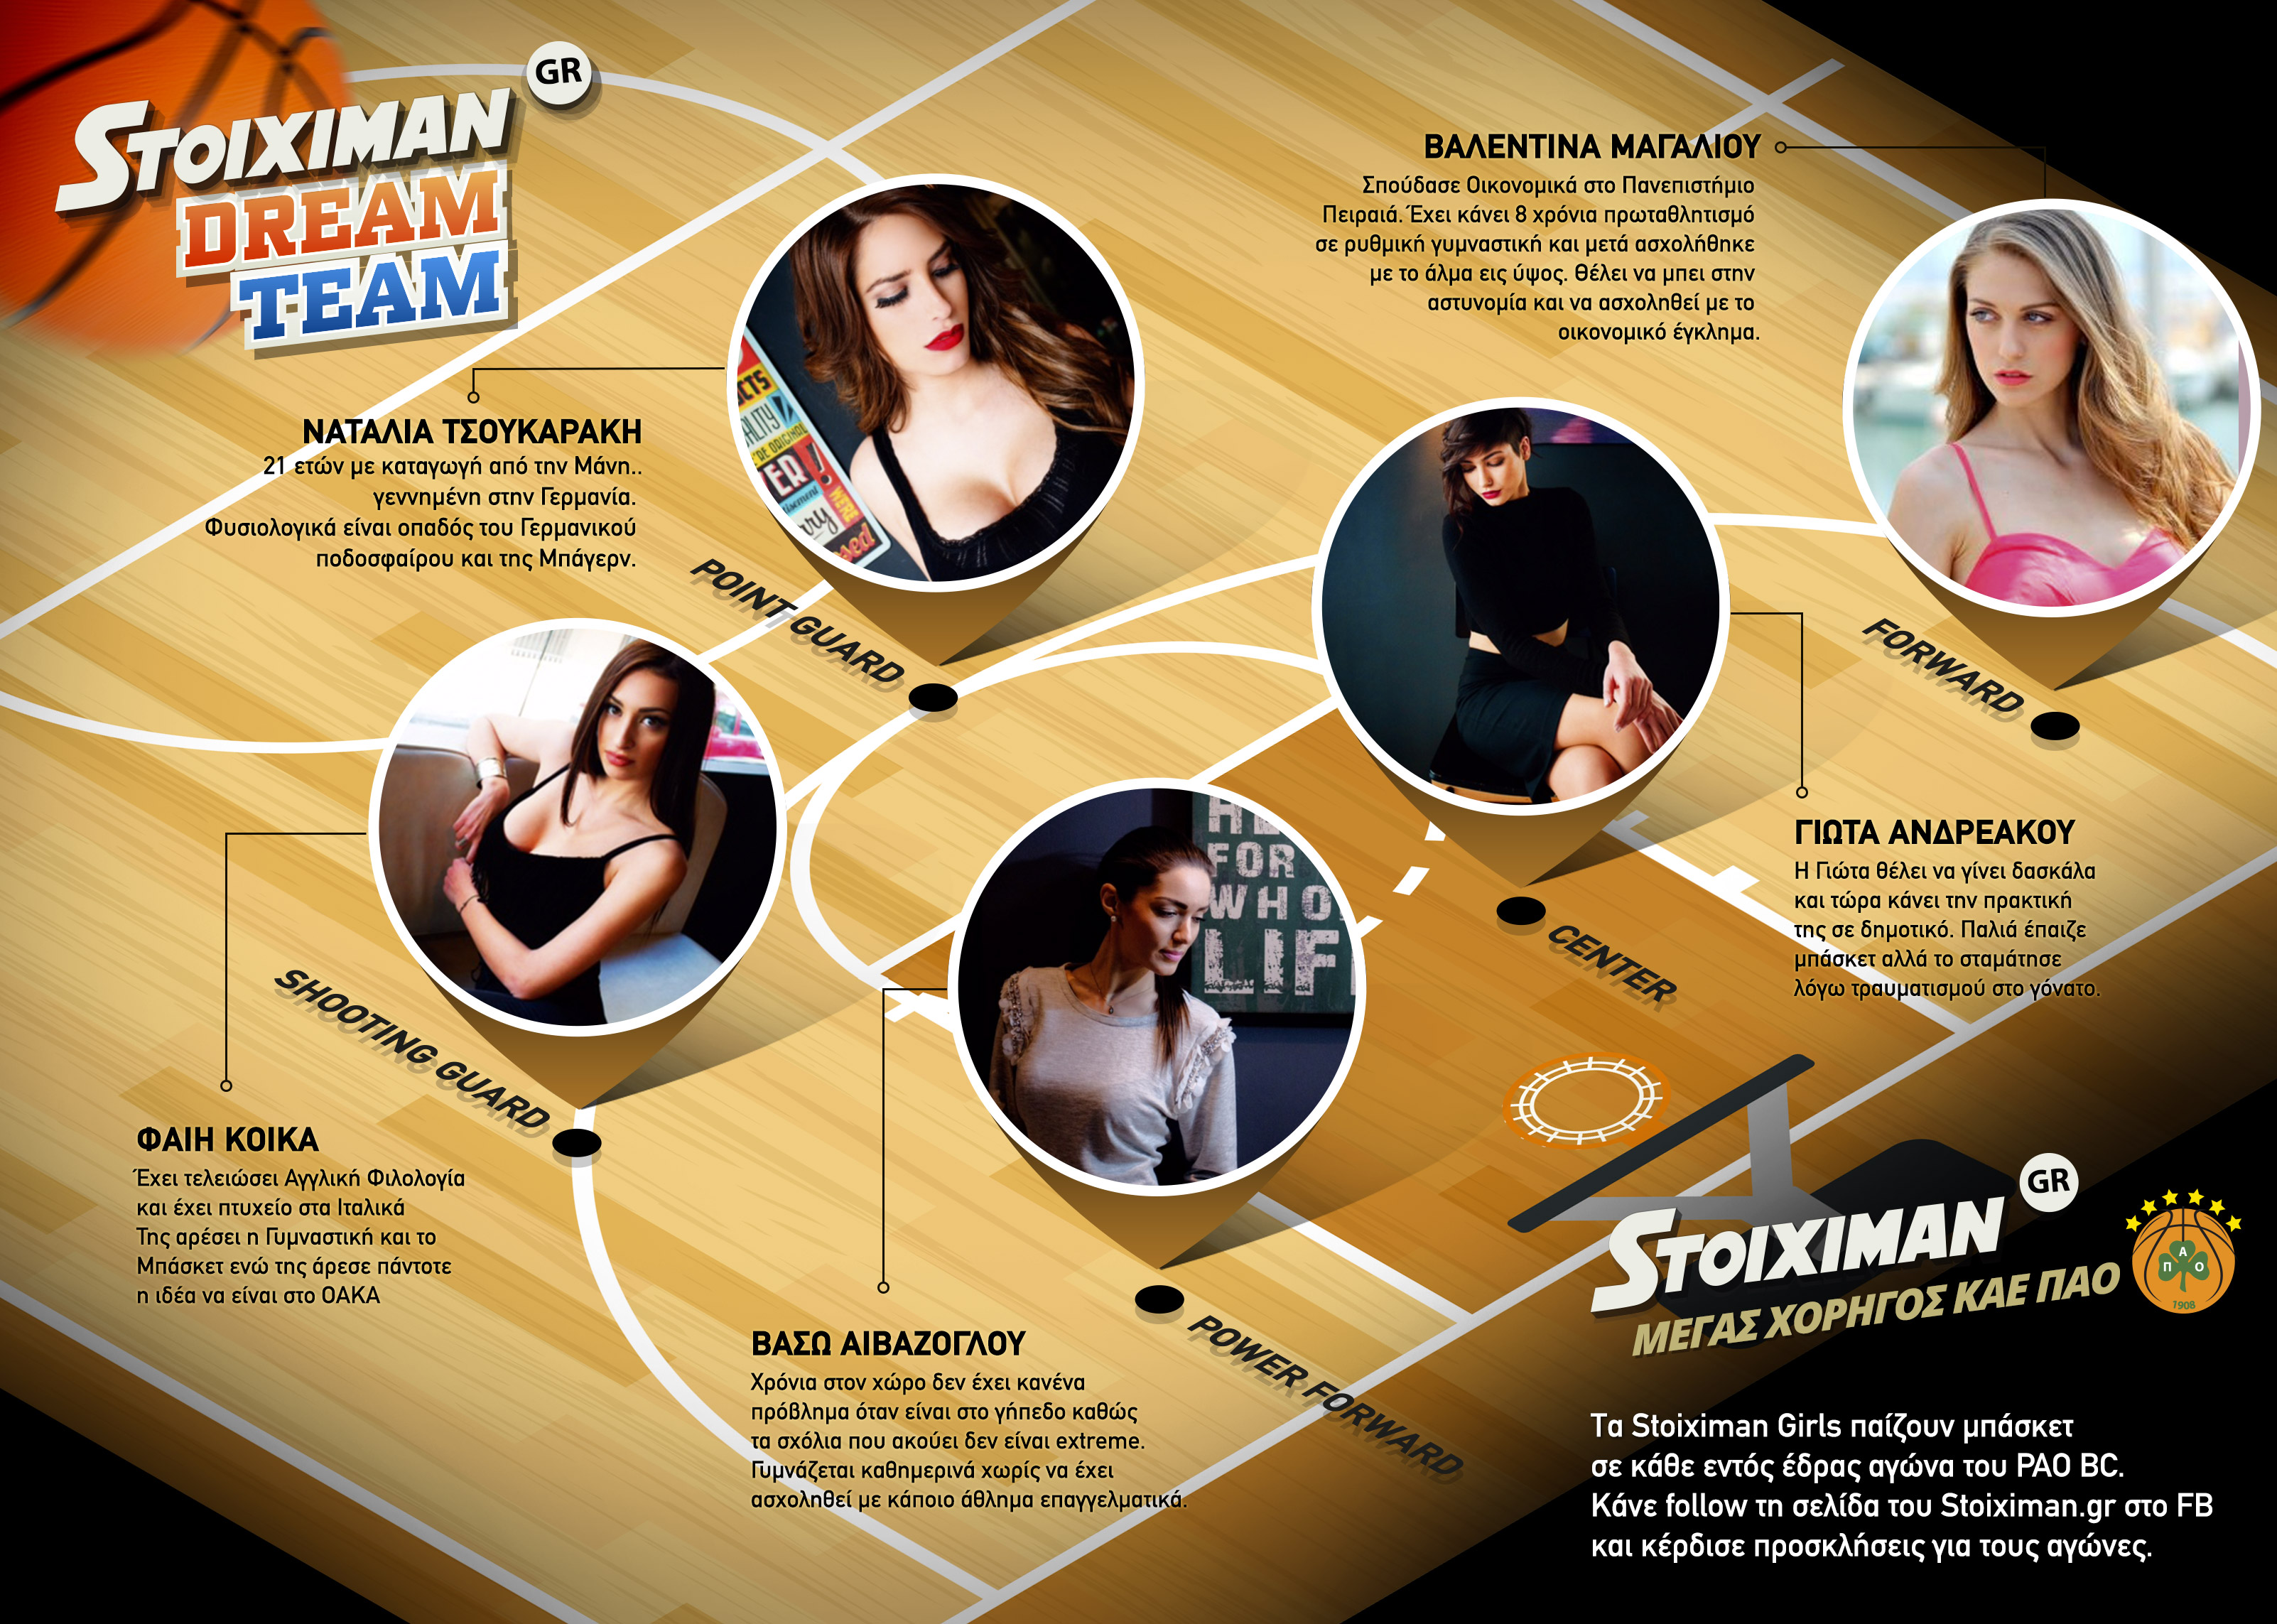 Stoiximan Girls